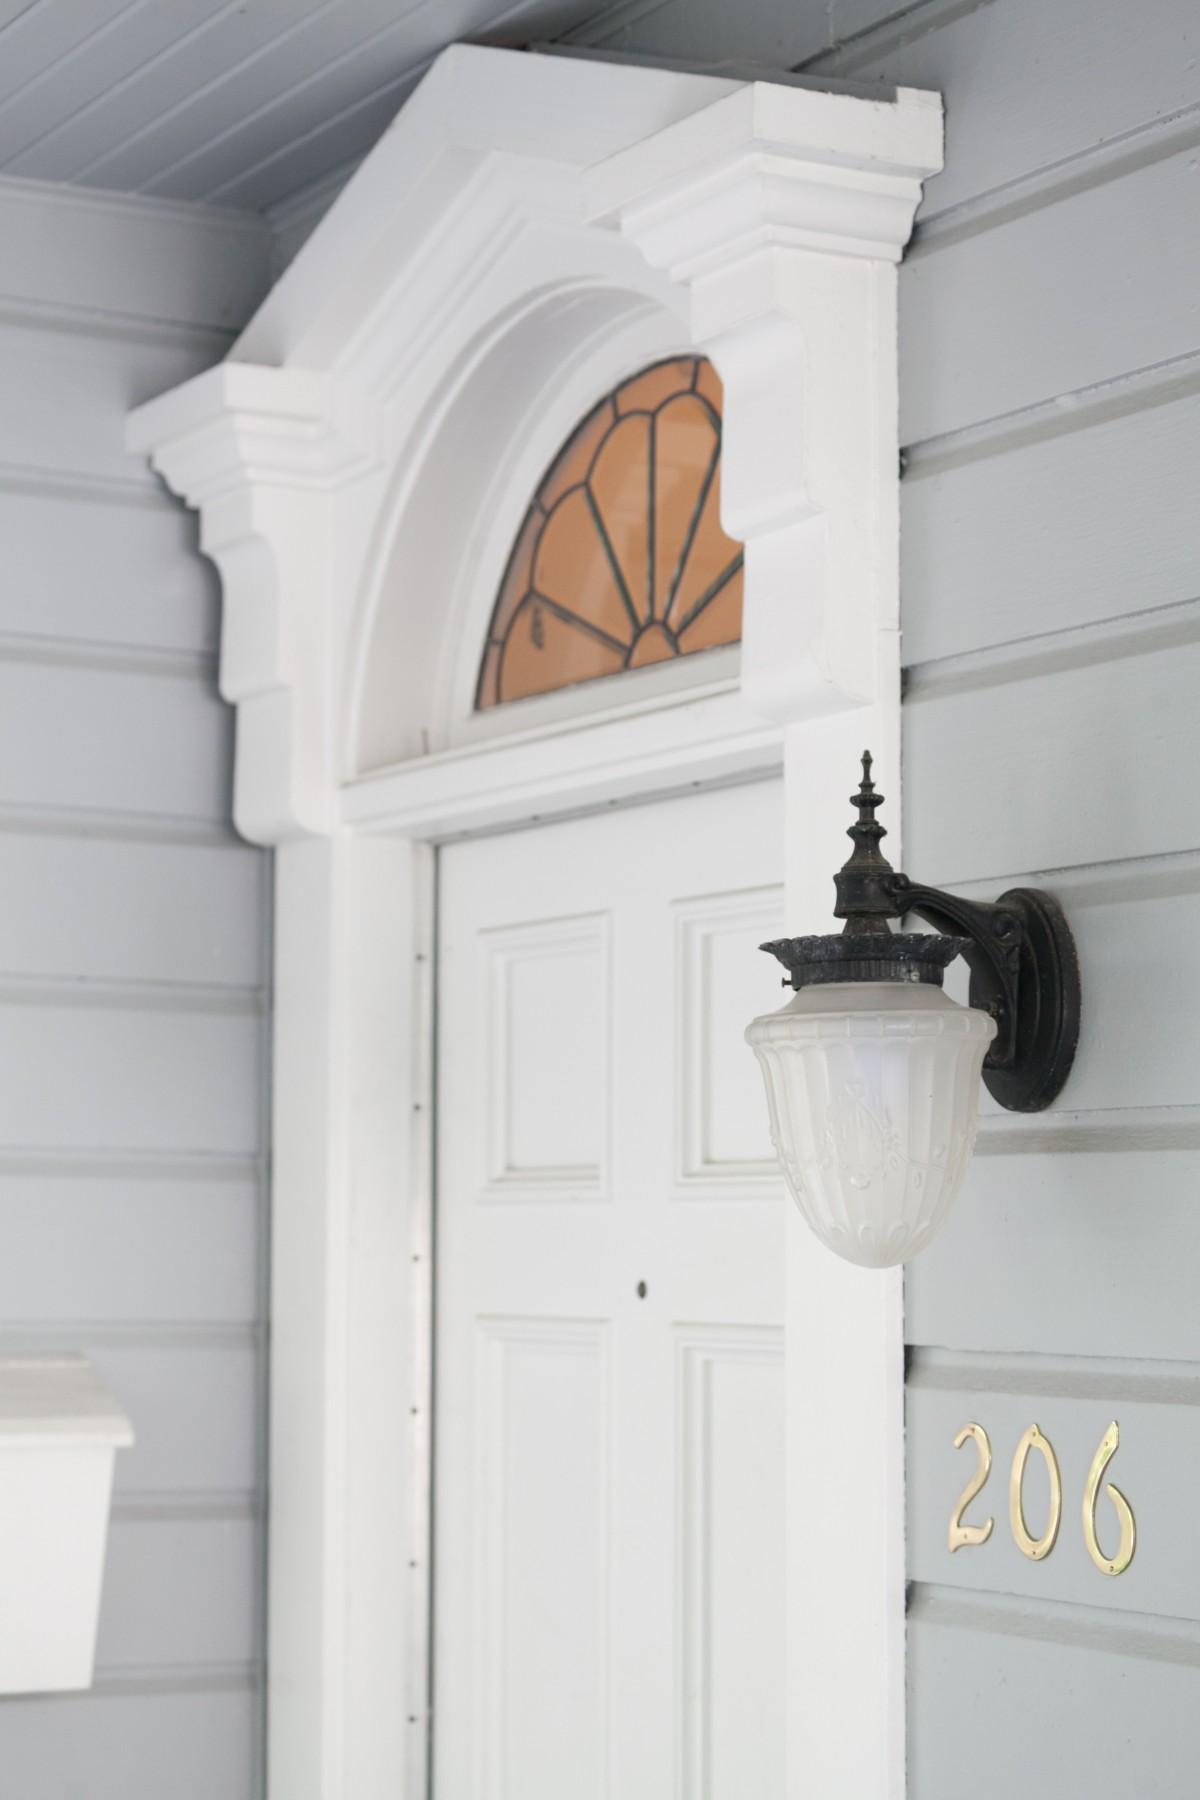 206 NW 8th Street, Corvallis, Oregon-Front door detail